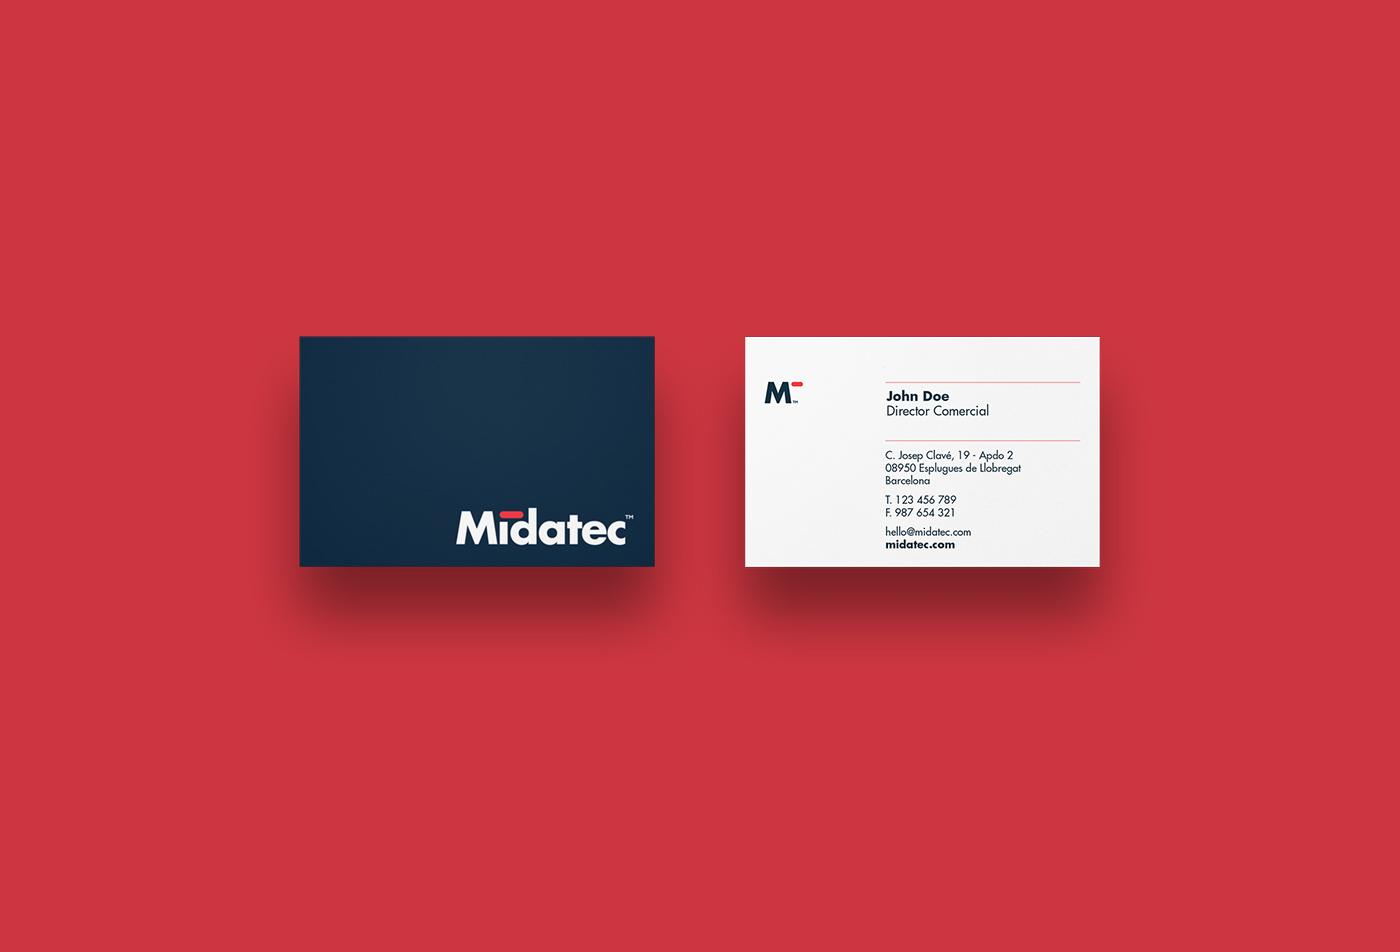 Midatec-02